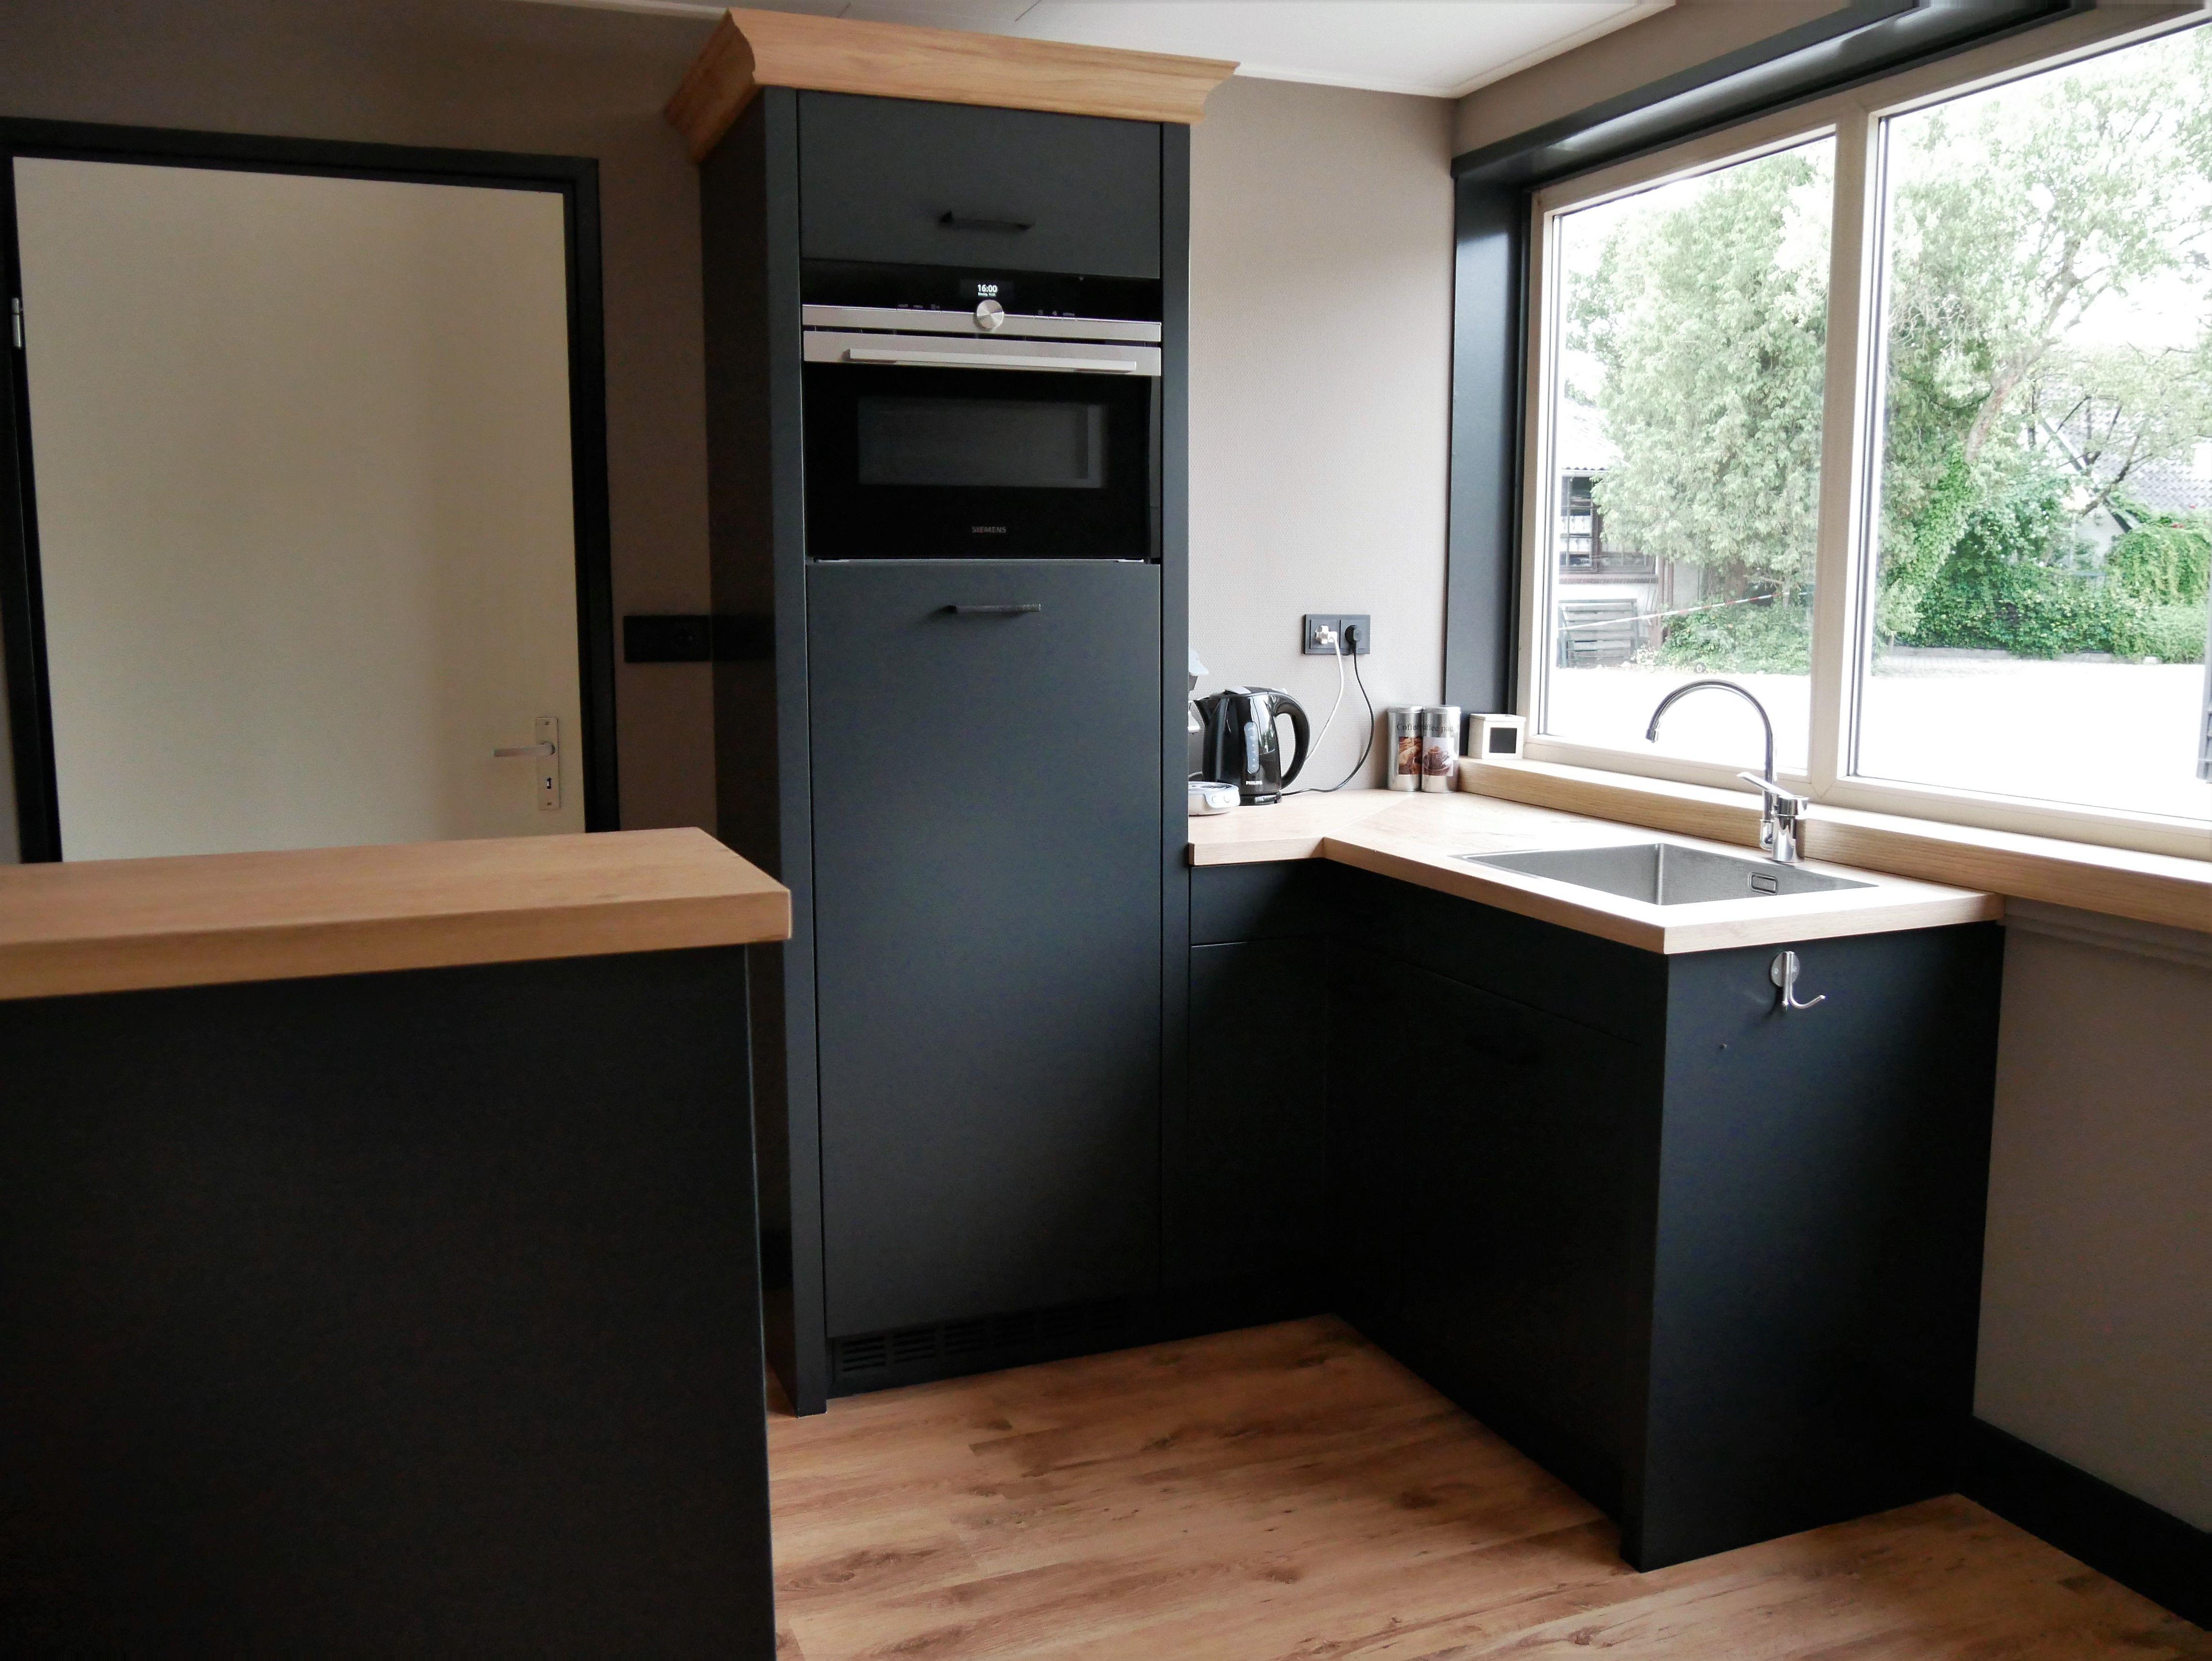 Keuken voor kantoor kleine keuken voor kantine hoekkeuken